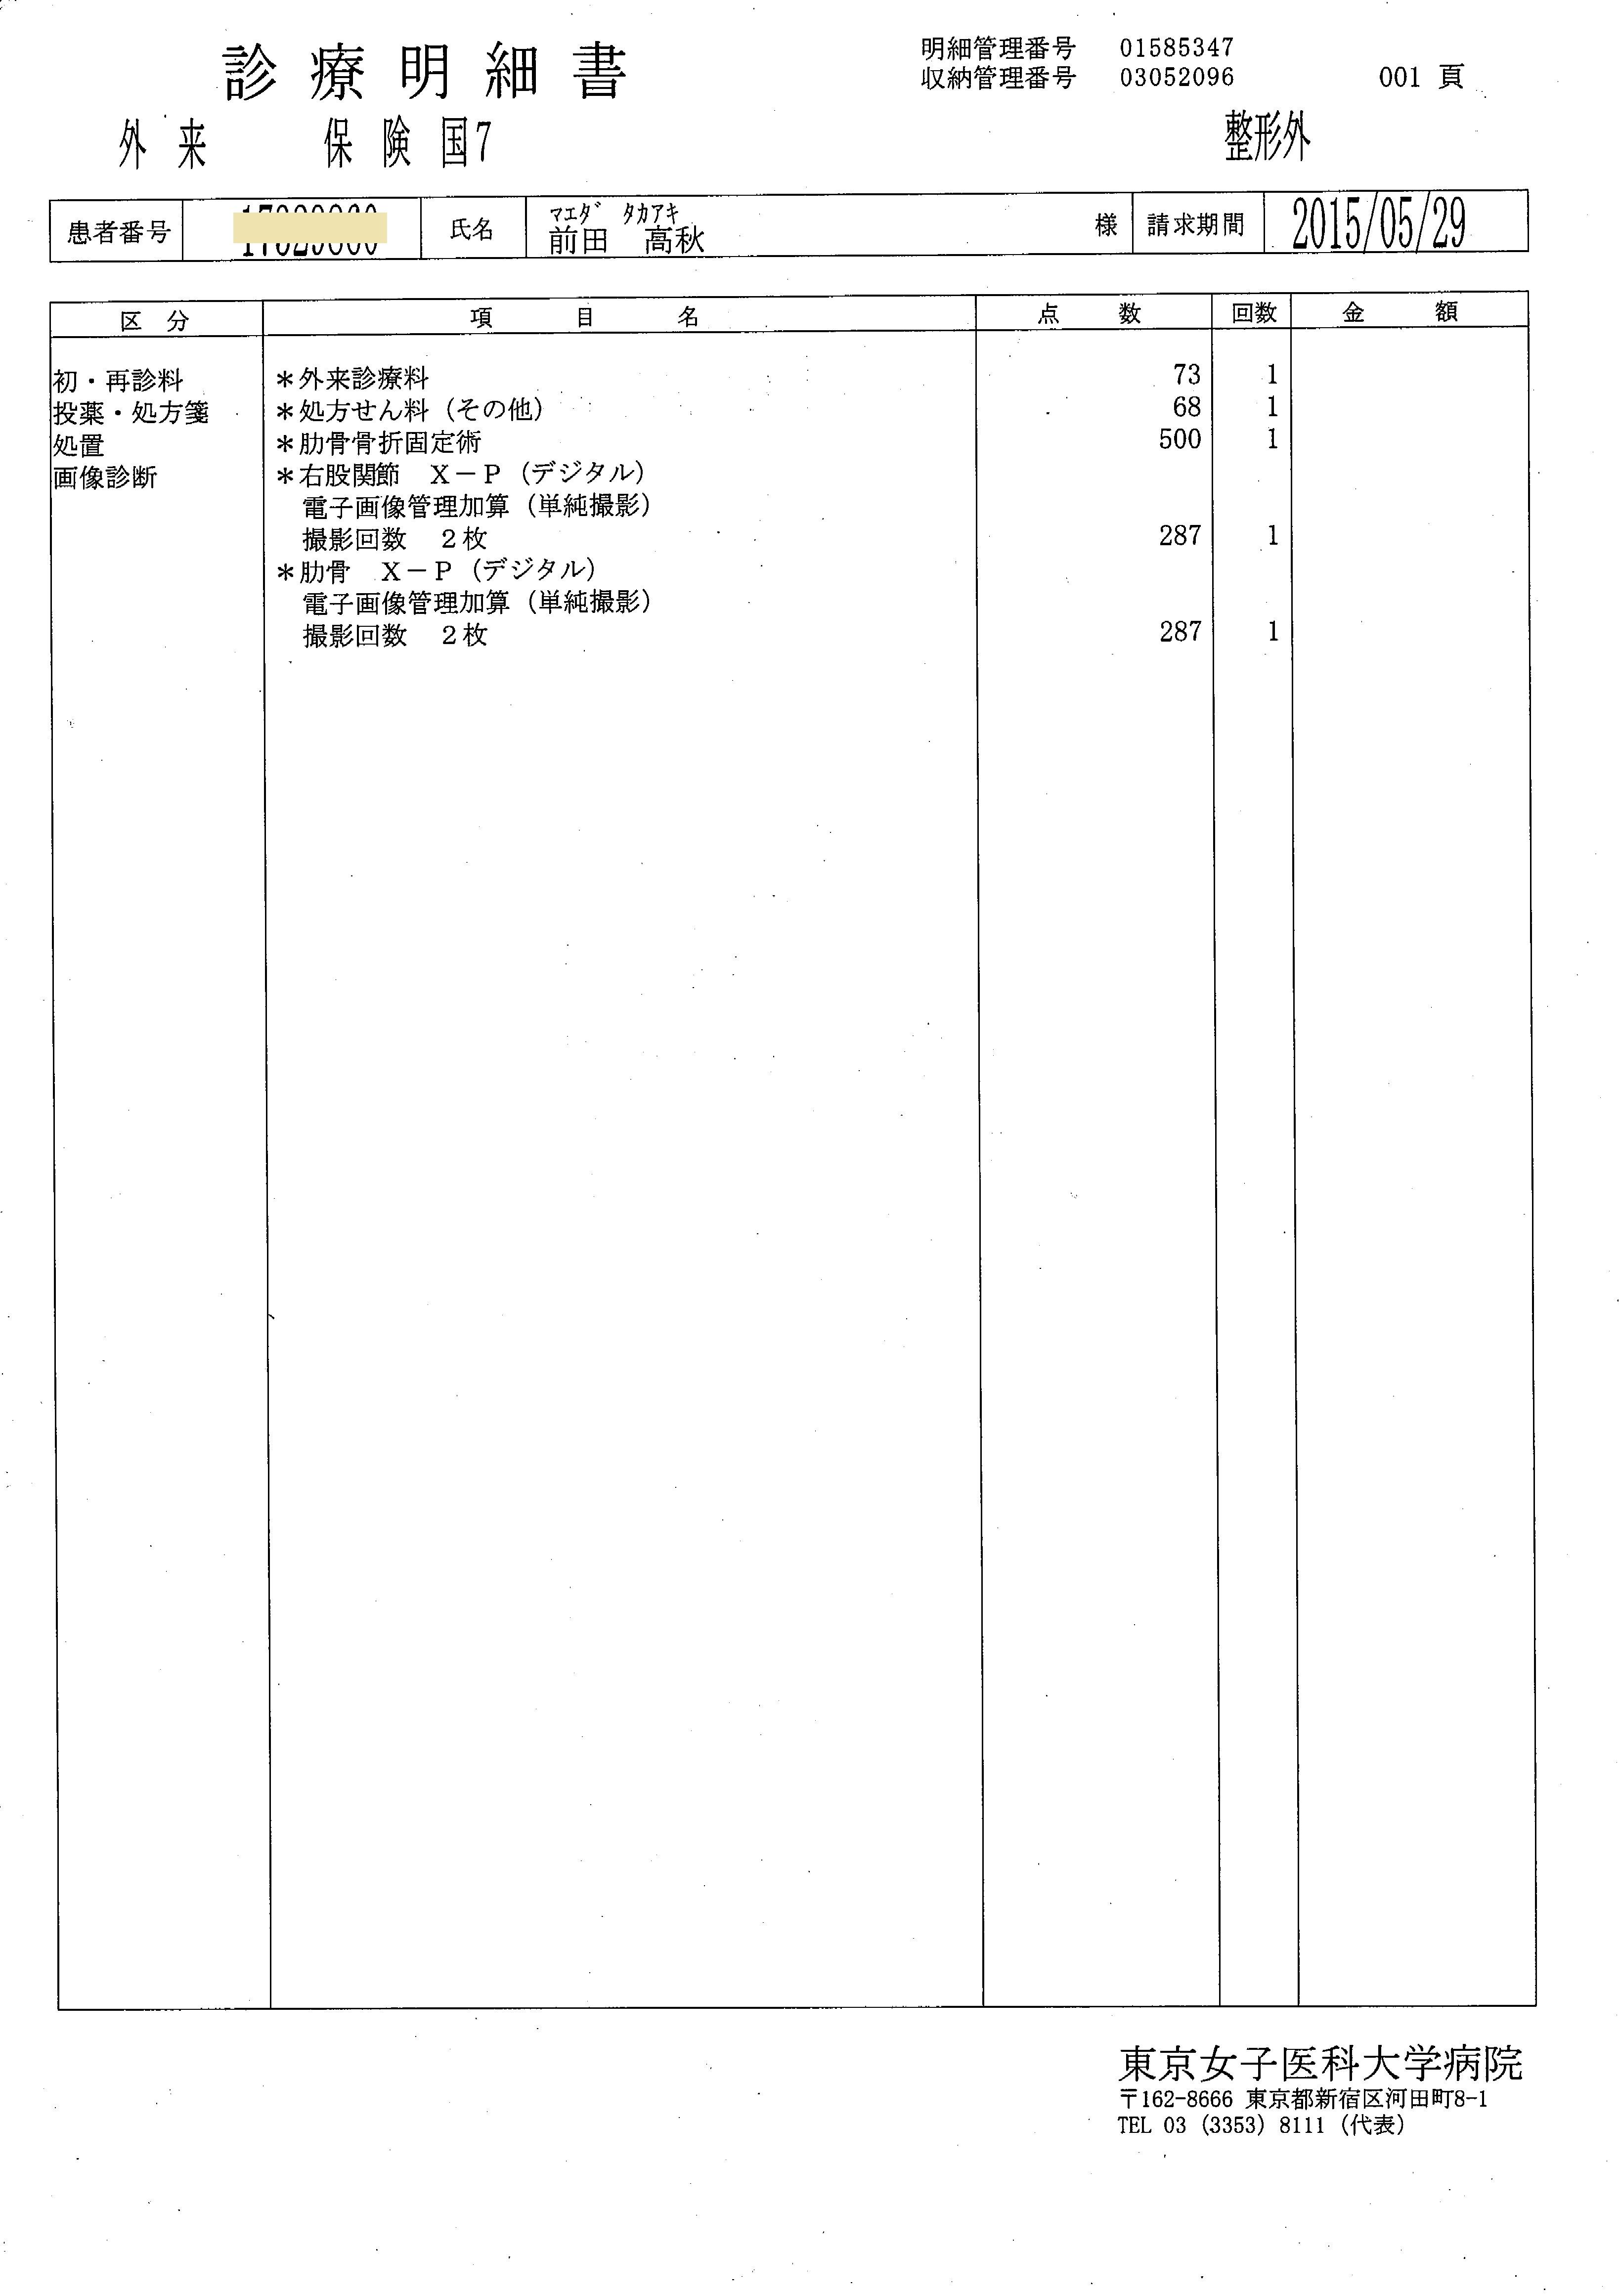 診療明細書(右股関節と肋骨をレントゲン撮影している)